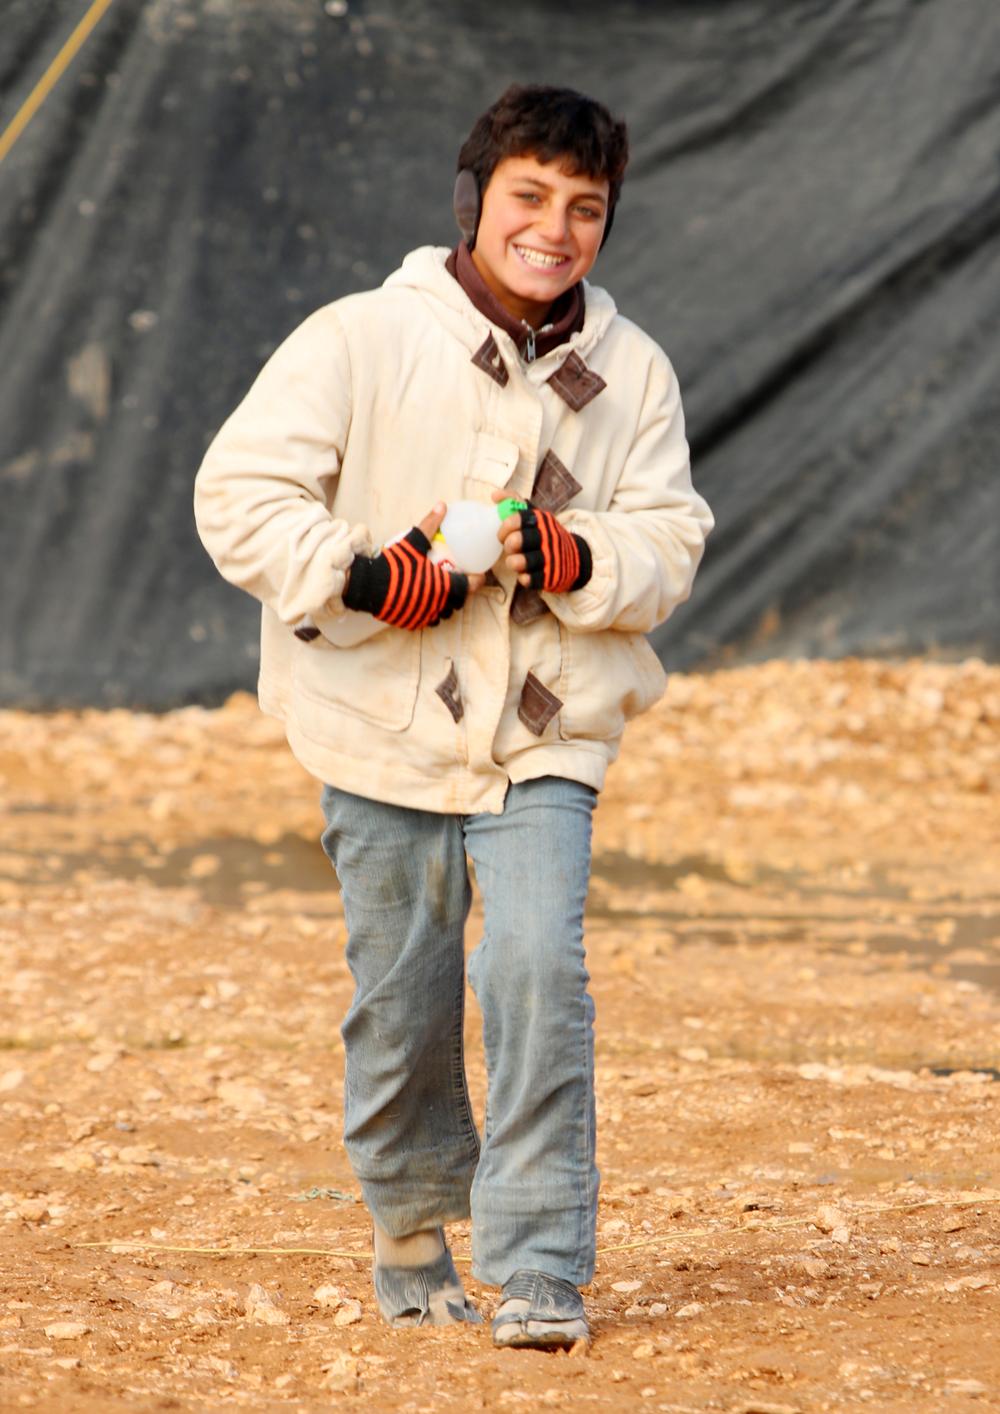 Syrian refugee teen portrait